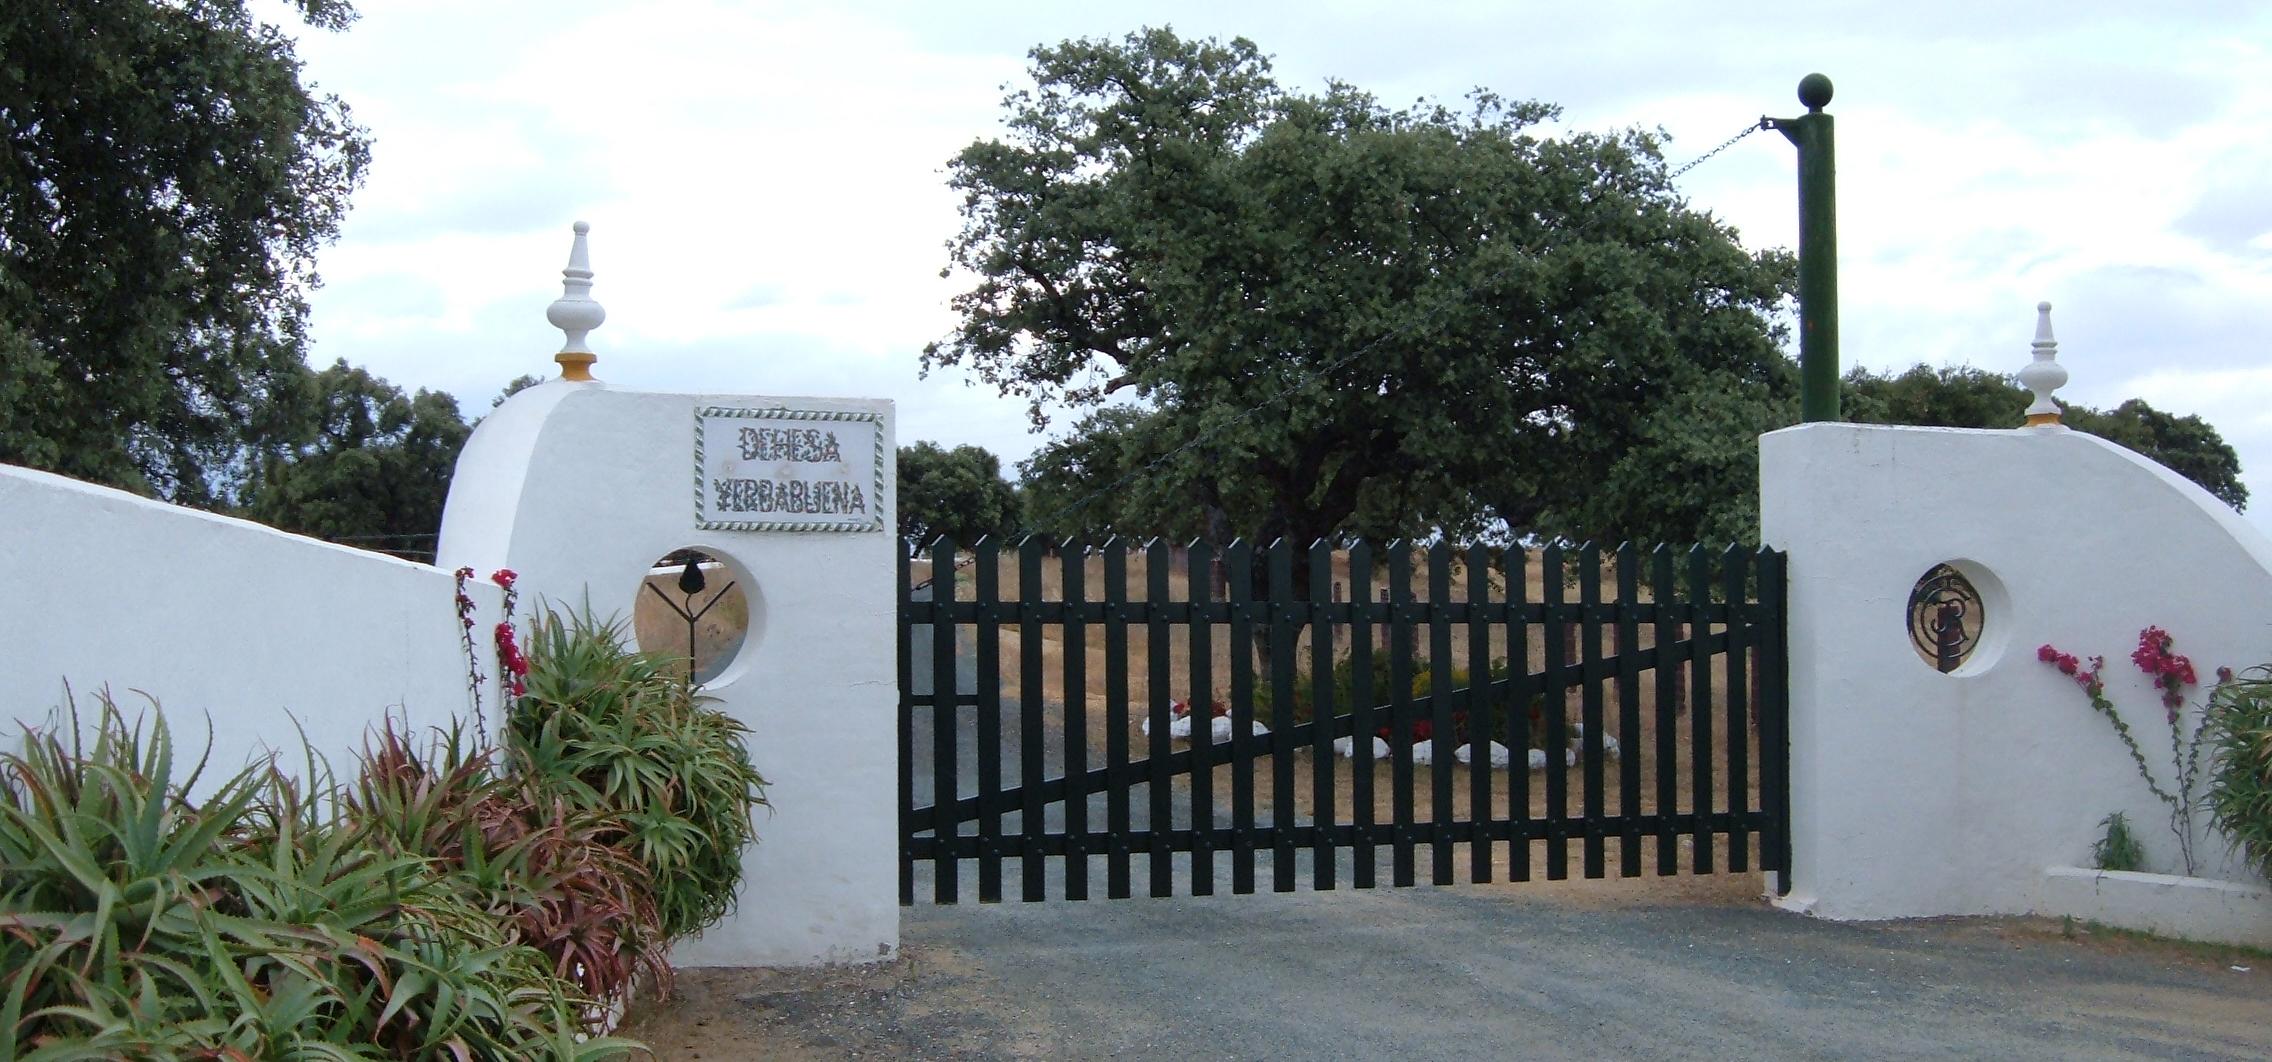 El acuerdo del Ayuntamiento con Ortega Cano y la familia Benjumea se suscribe en 2009 y pretende la modificación parcial de una vía pecuaria que pasa por la dehesa Yerbabuena y Cortijo de Campo